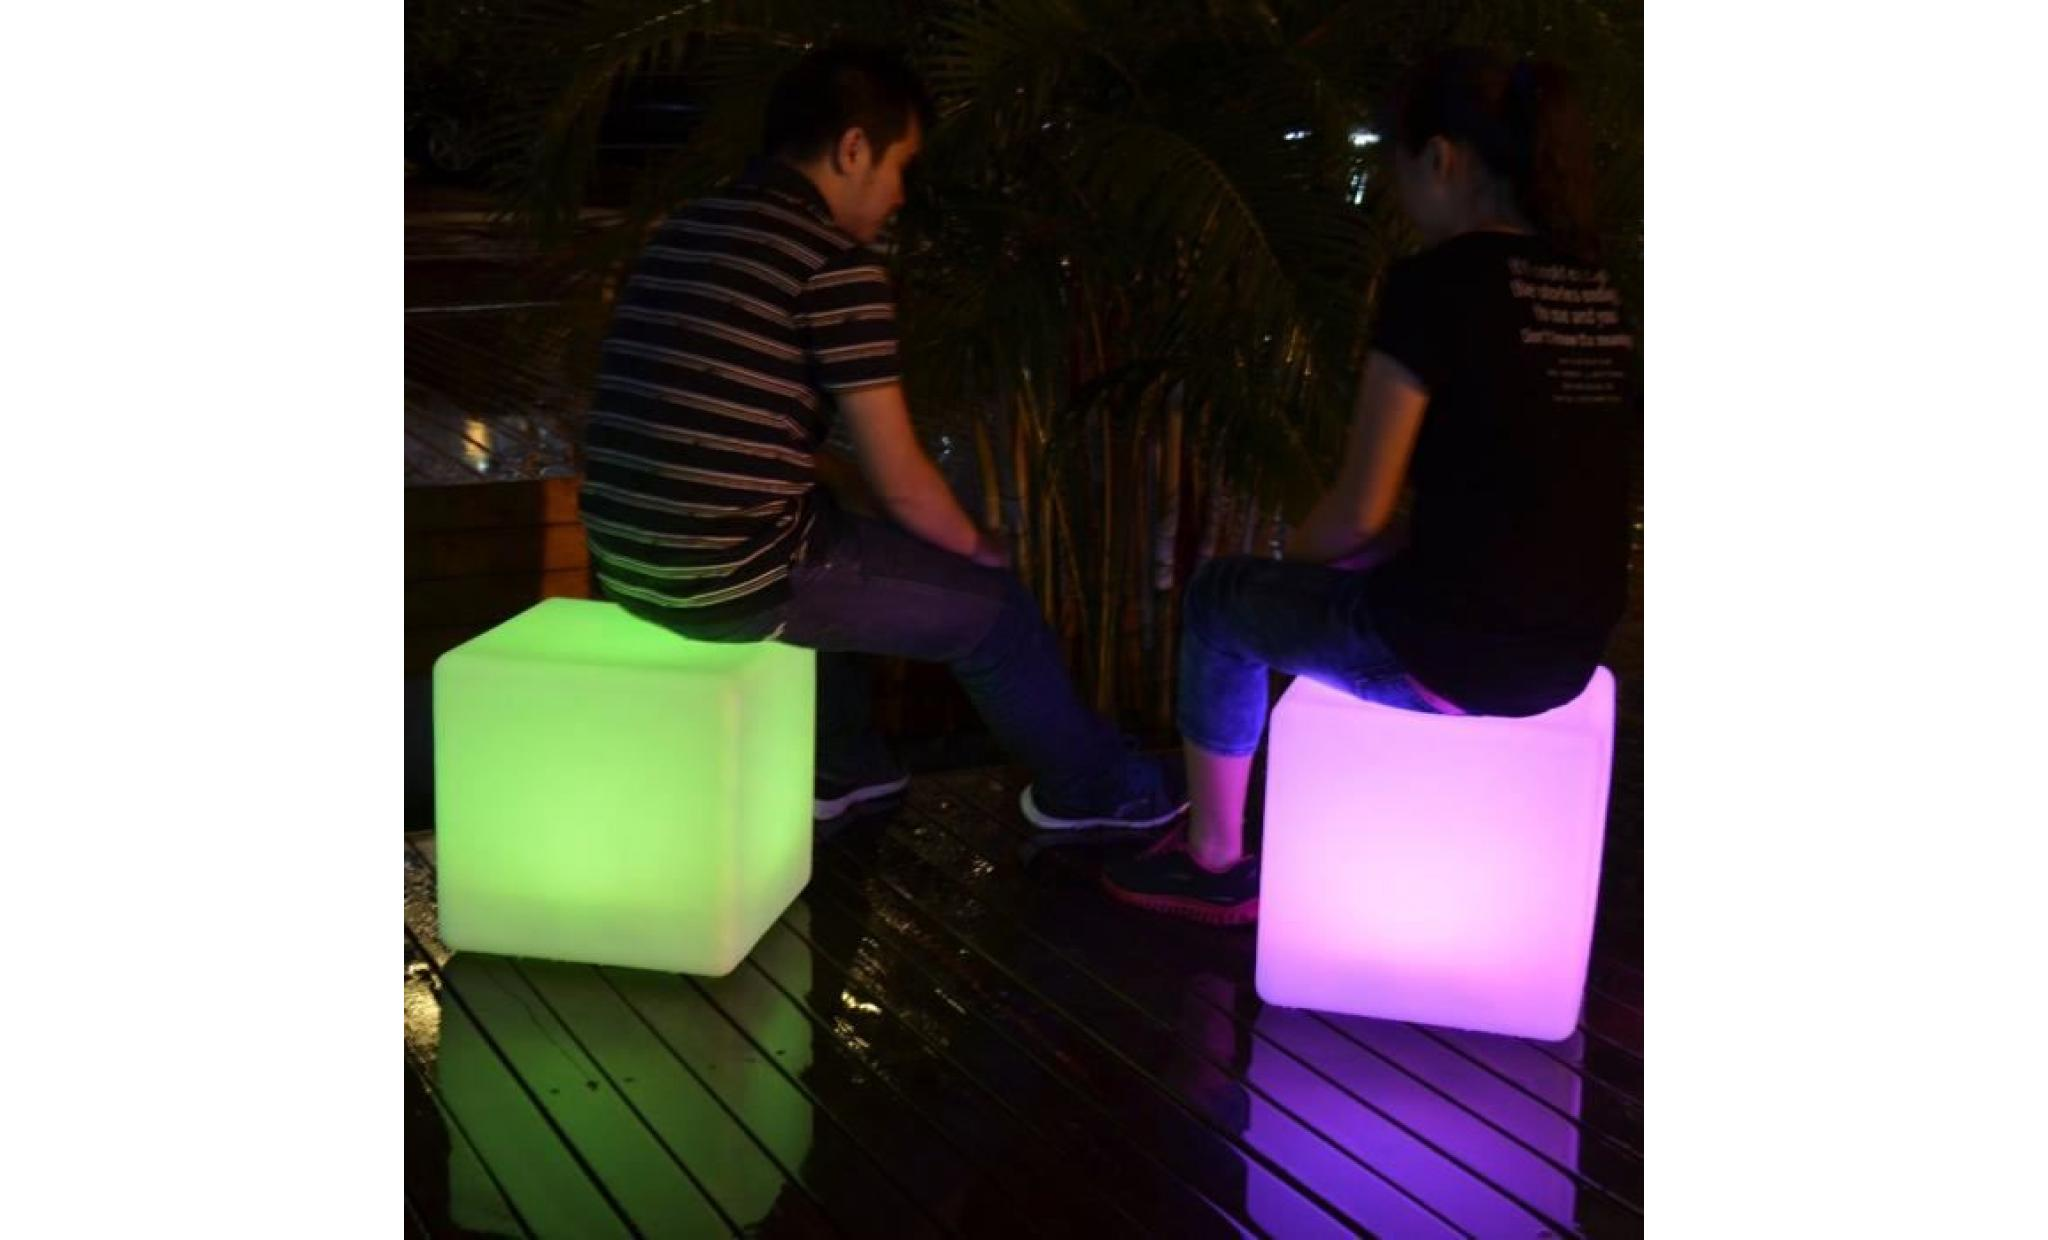 40cm Cube Lumineux Led Extérieur Tabouret Table Jardin Lampe De Sol Rechargeable Rgb Ip67 Télécommande De Pk Green